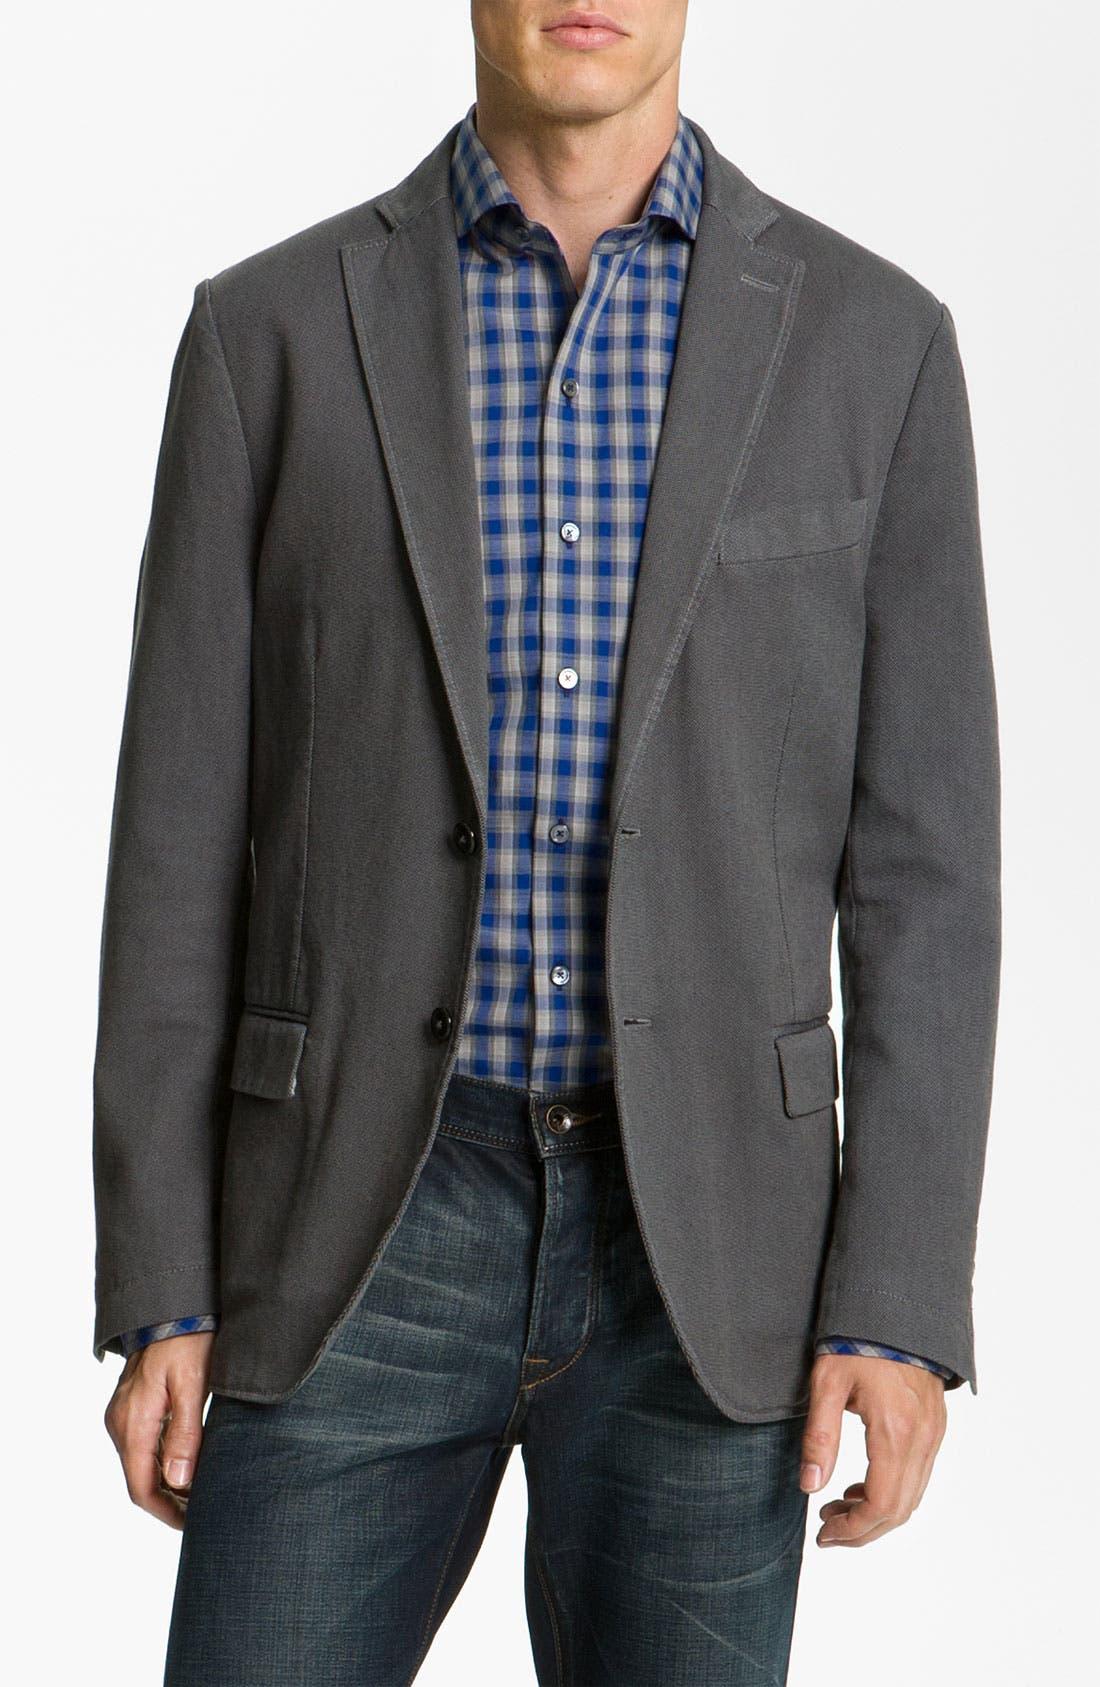 Main Image - Zachary Prell 'Waverly' Sportcoat